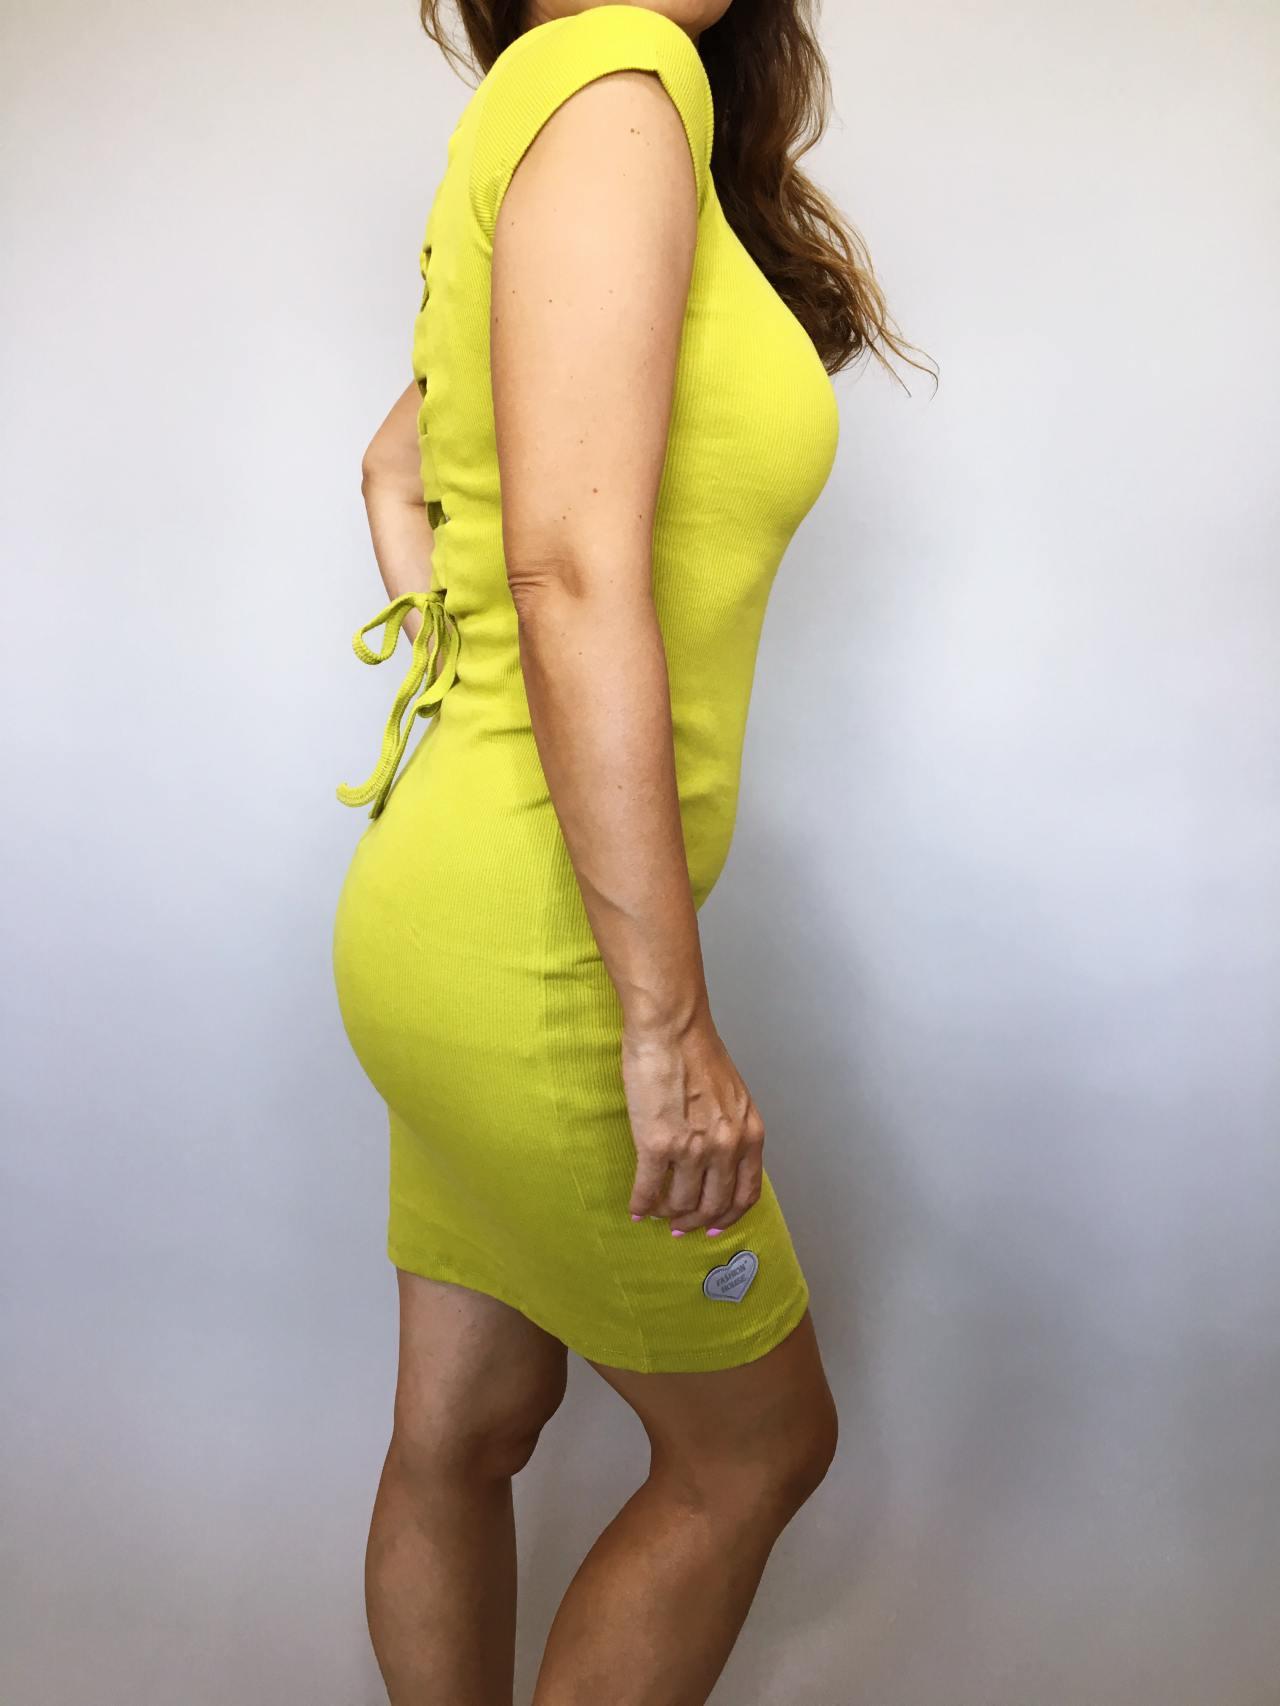 Šaty Jennifer žluté kari 03